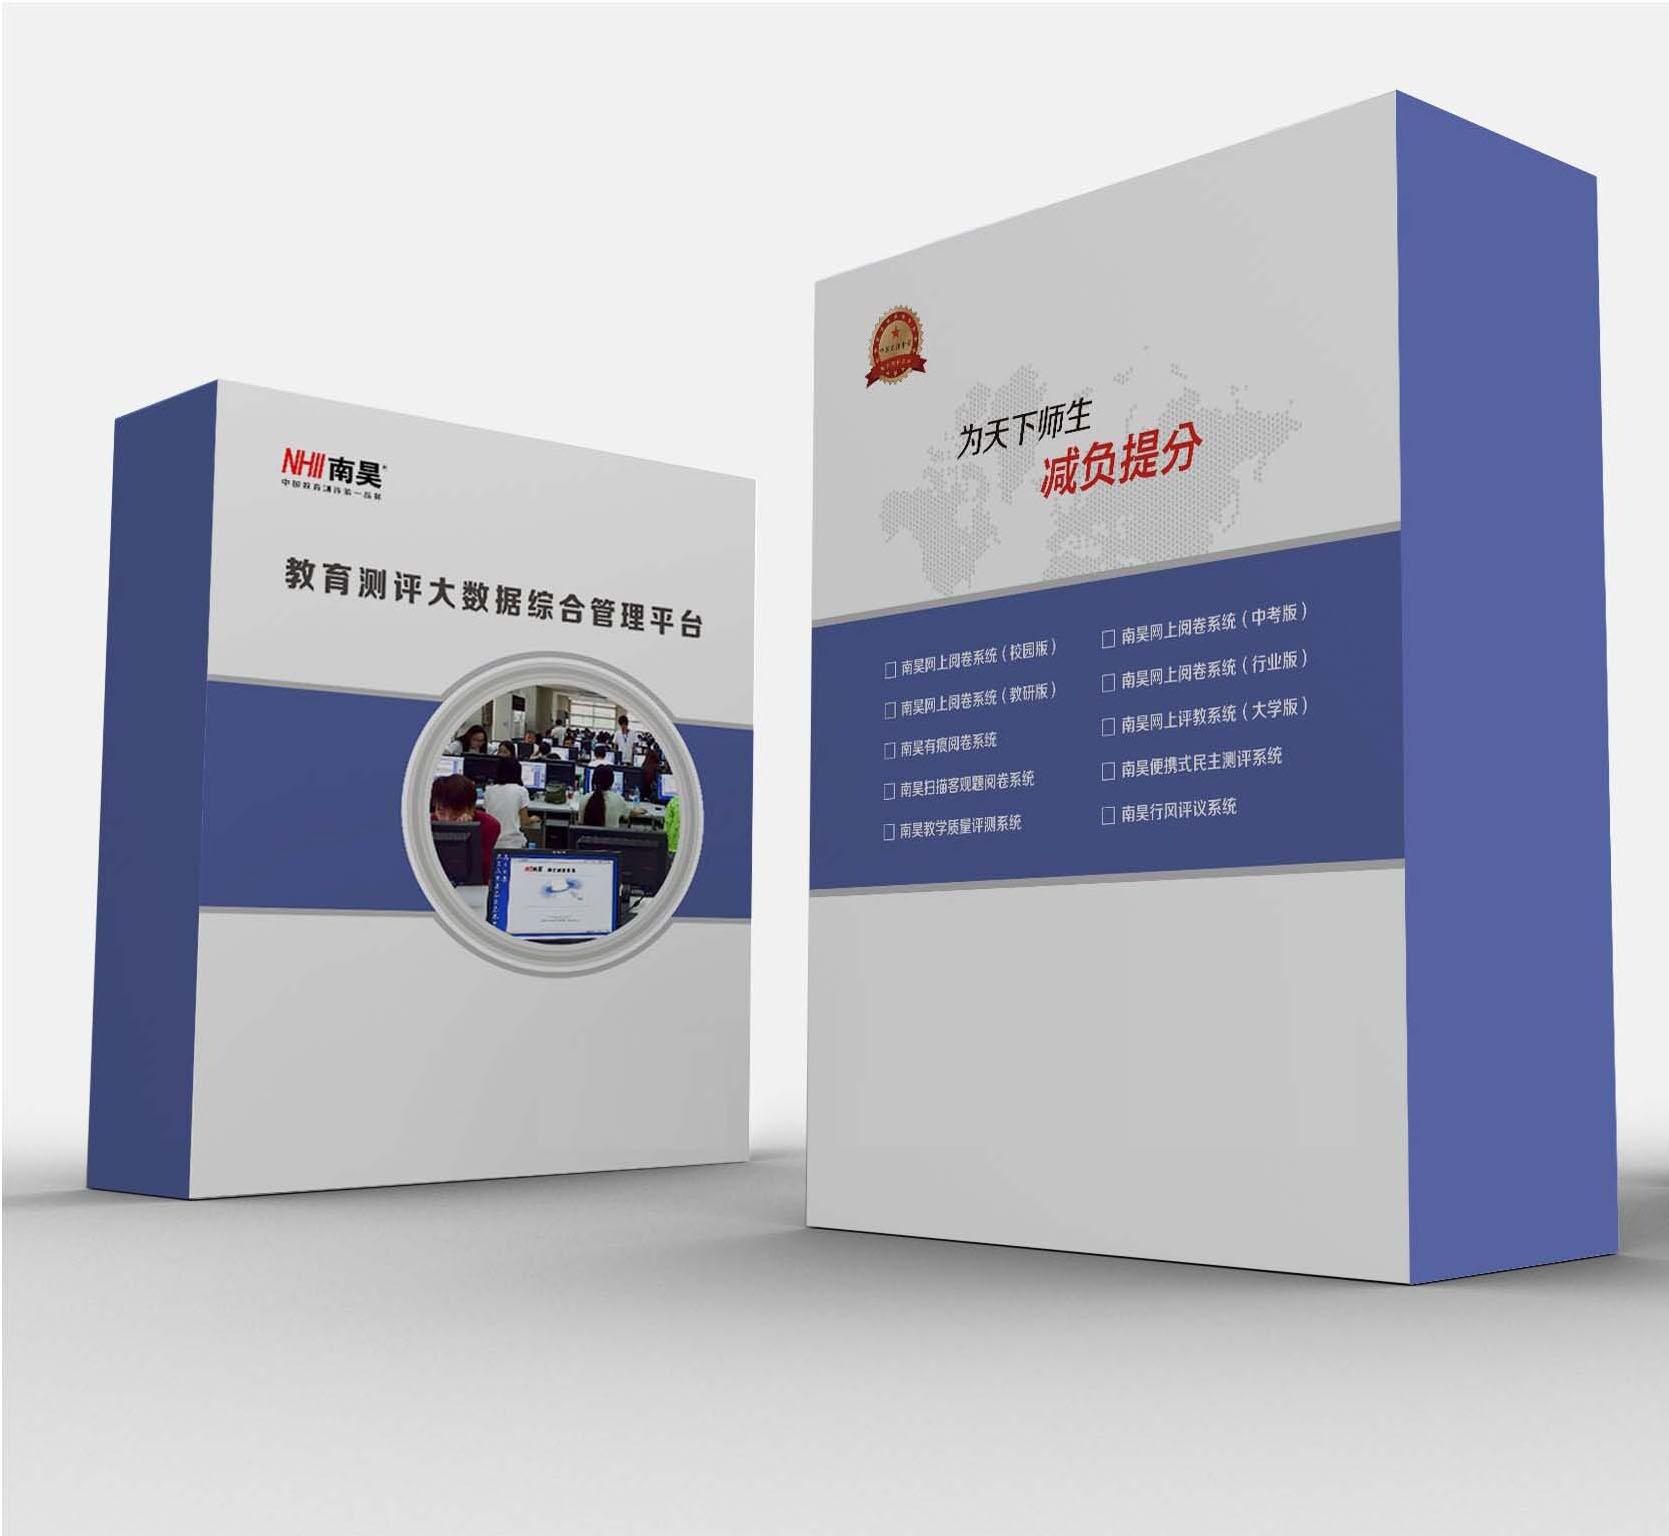 芜湖市戈江区网上阅卷系统 专业网上阅卷价格|新闻动态-河北省南昊高新技术开发有限公司